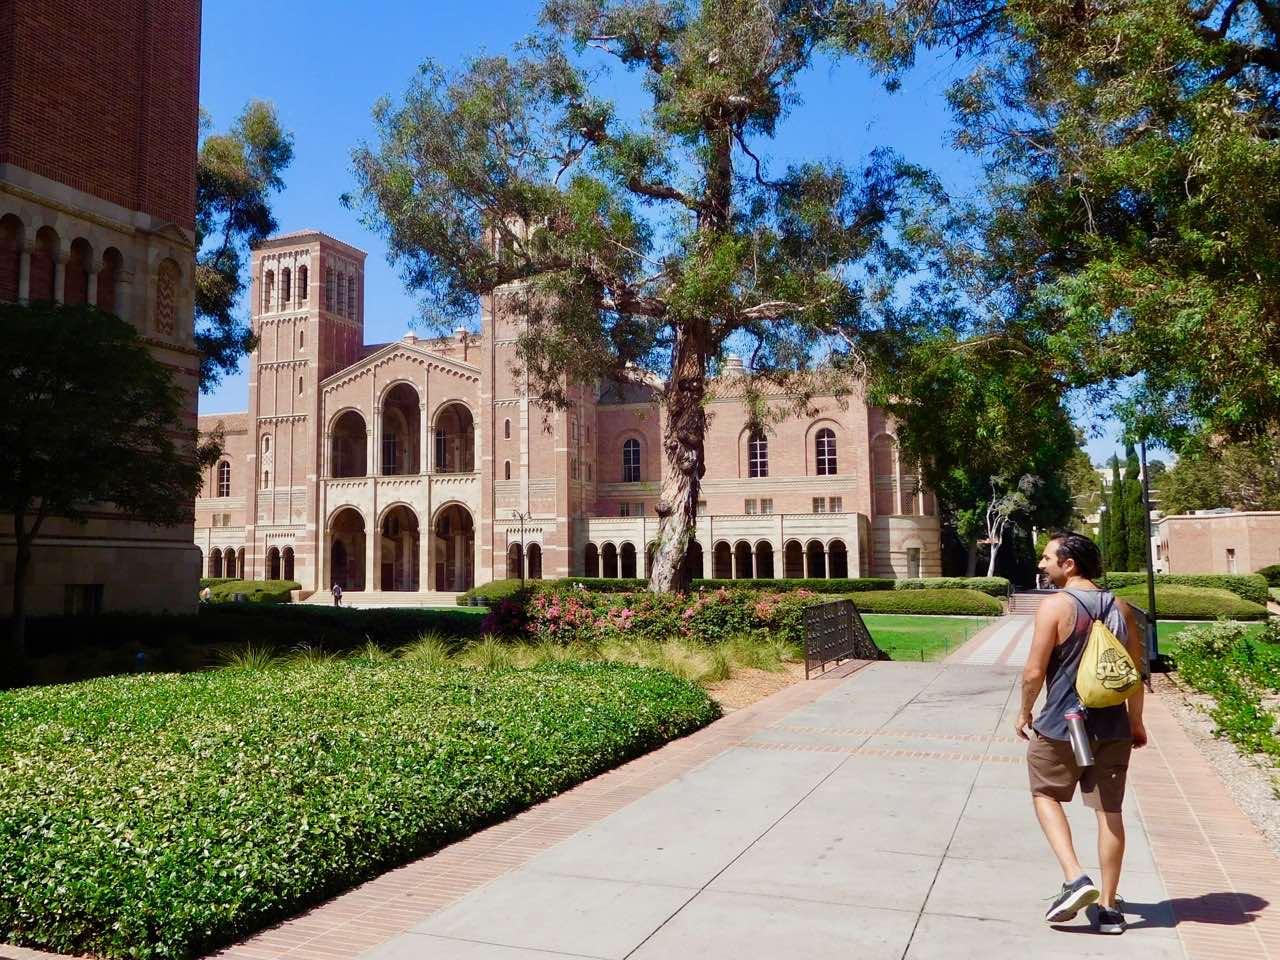 3 Days in L.A. - UCLA Campus (2)